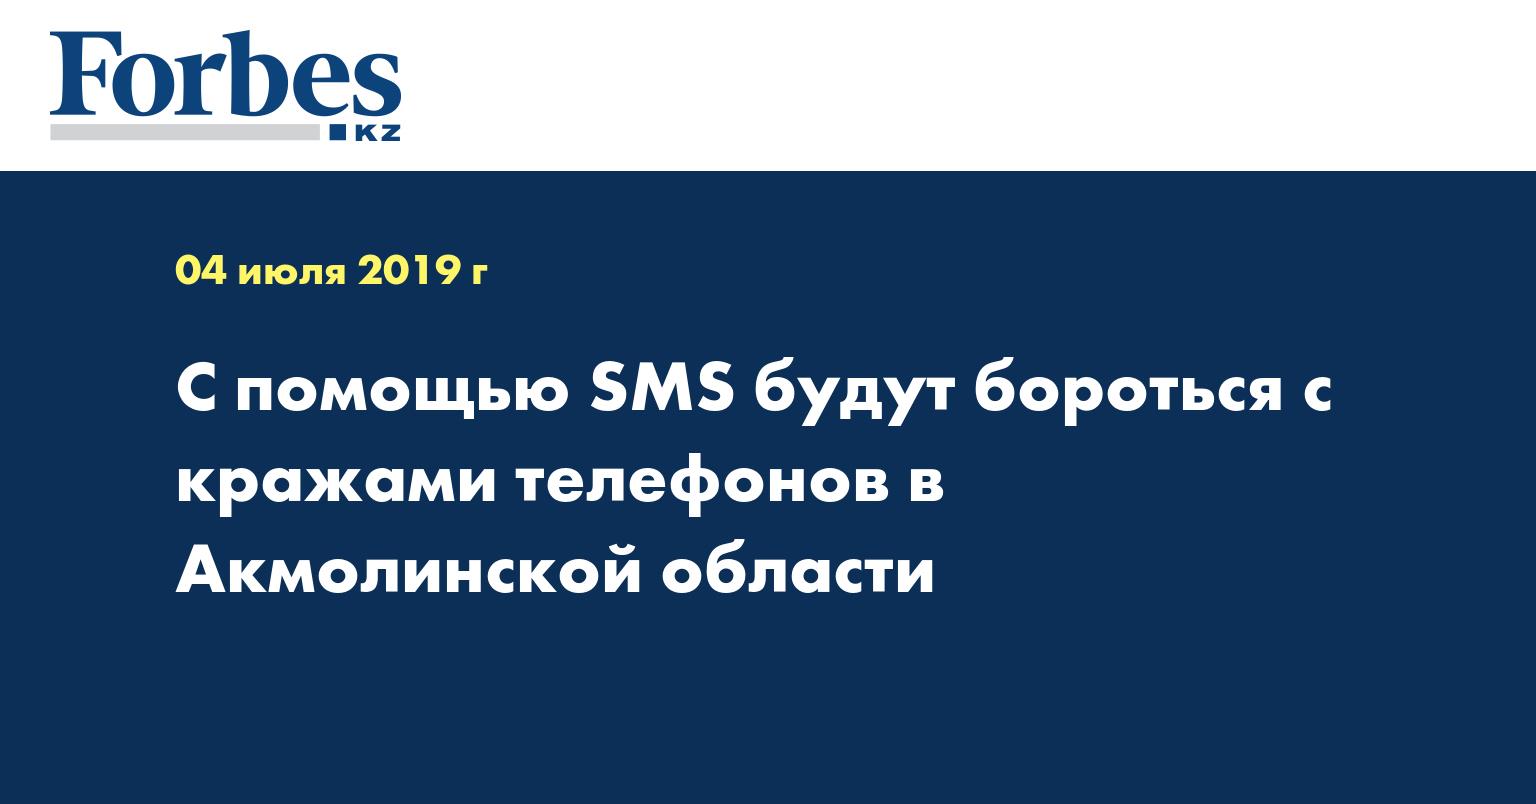 С помощью SMS будут бороться с кражами телефонов в Акмолинской области